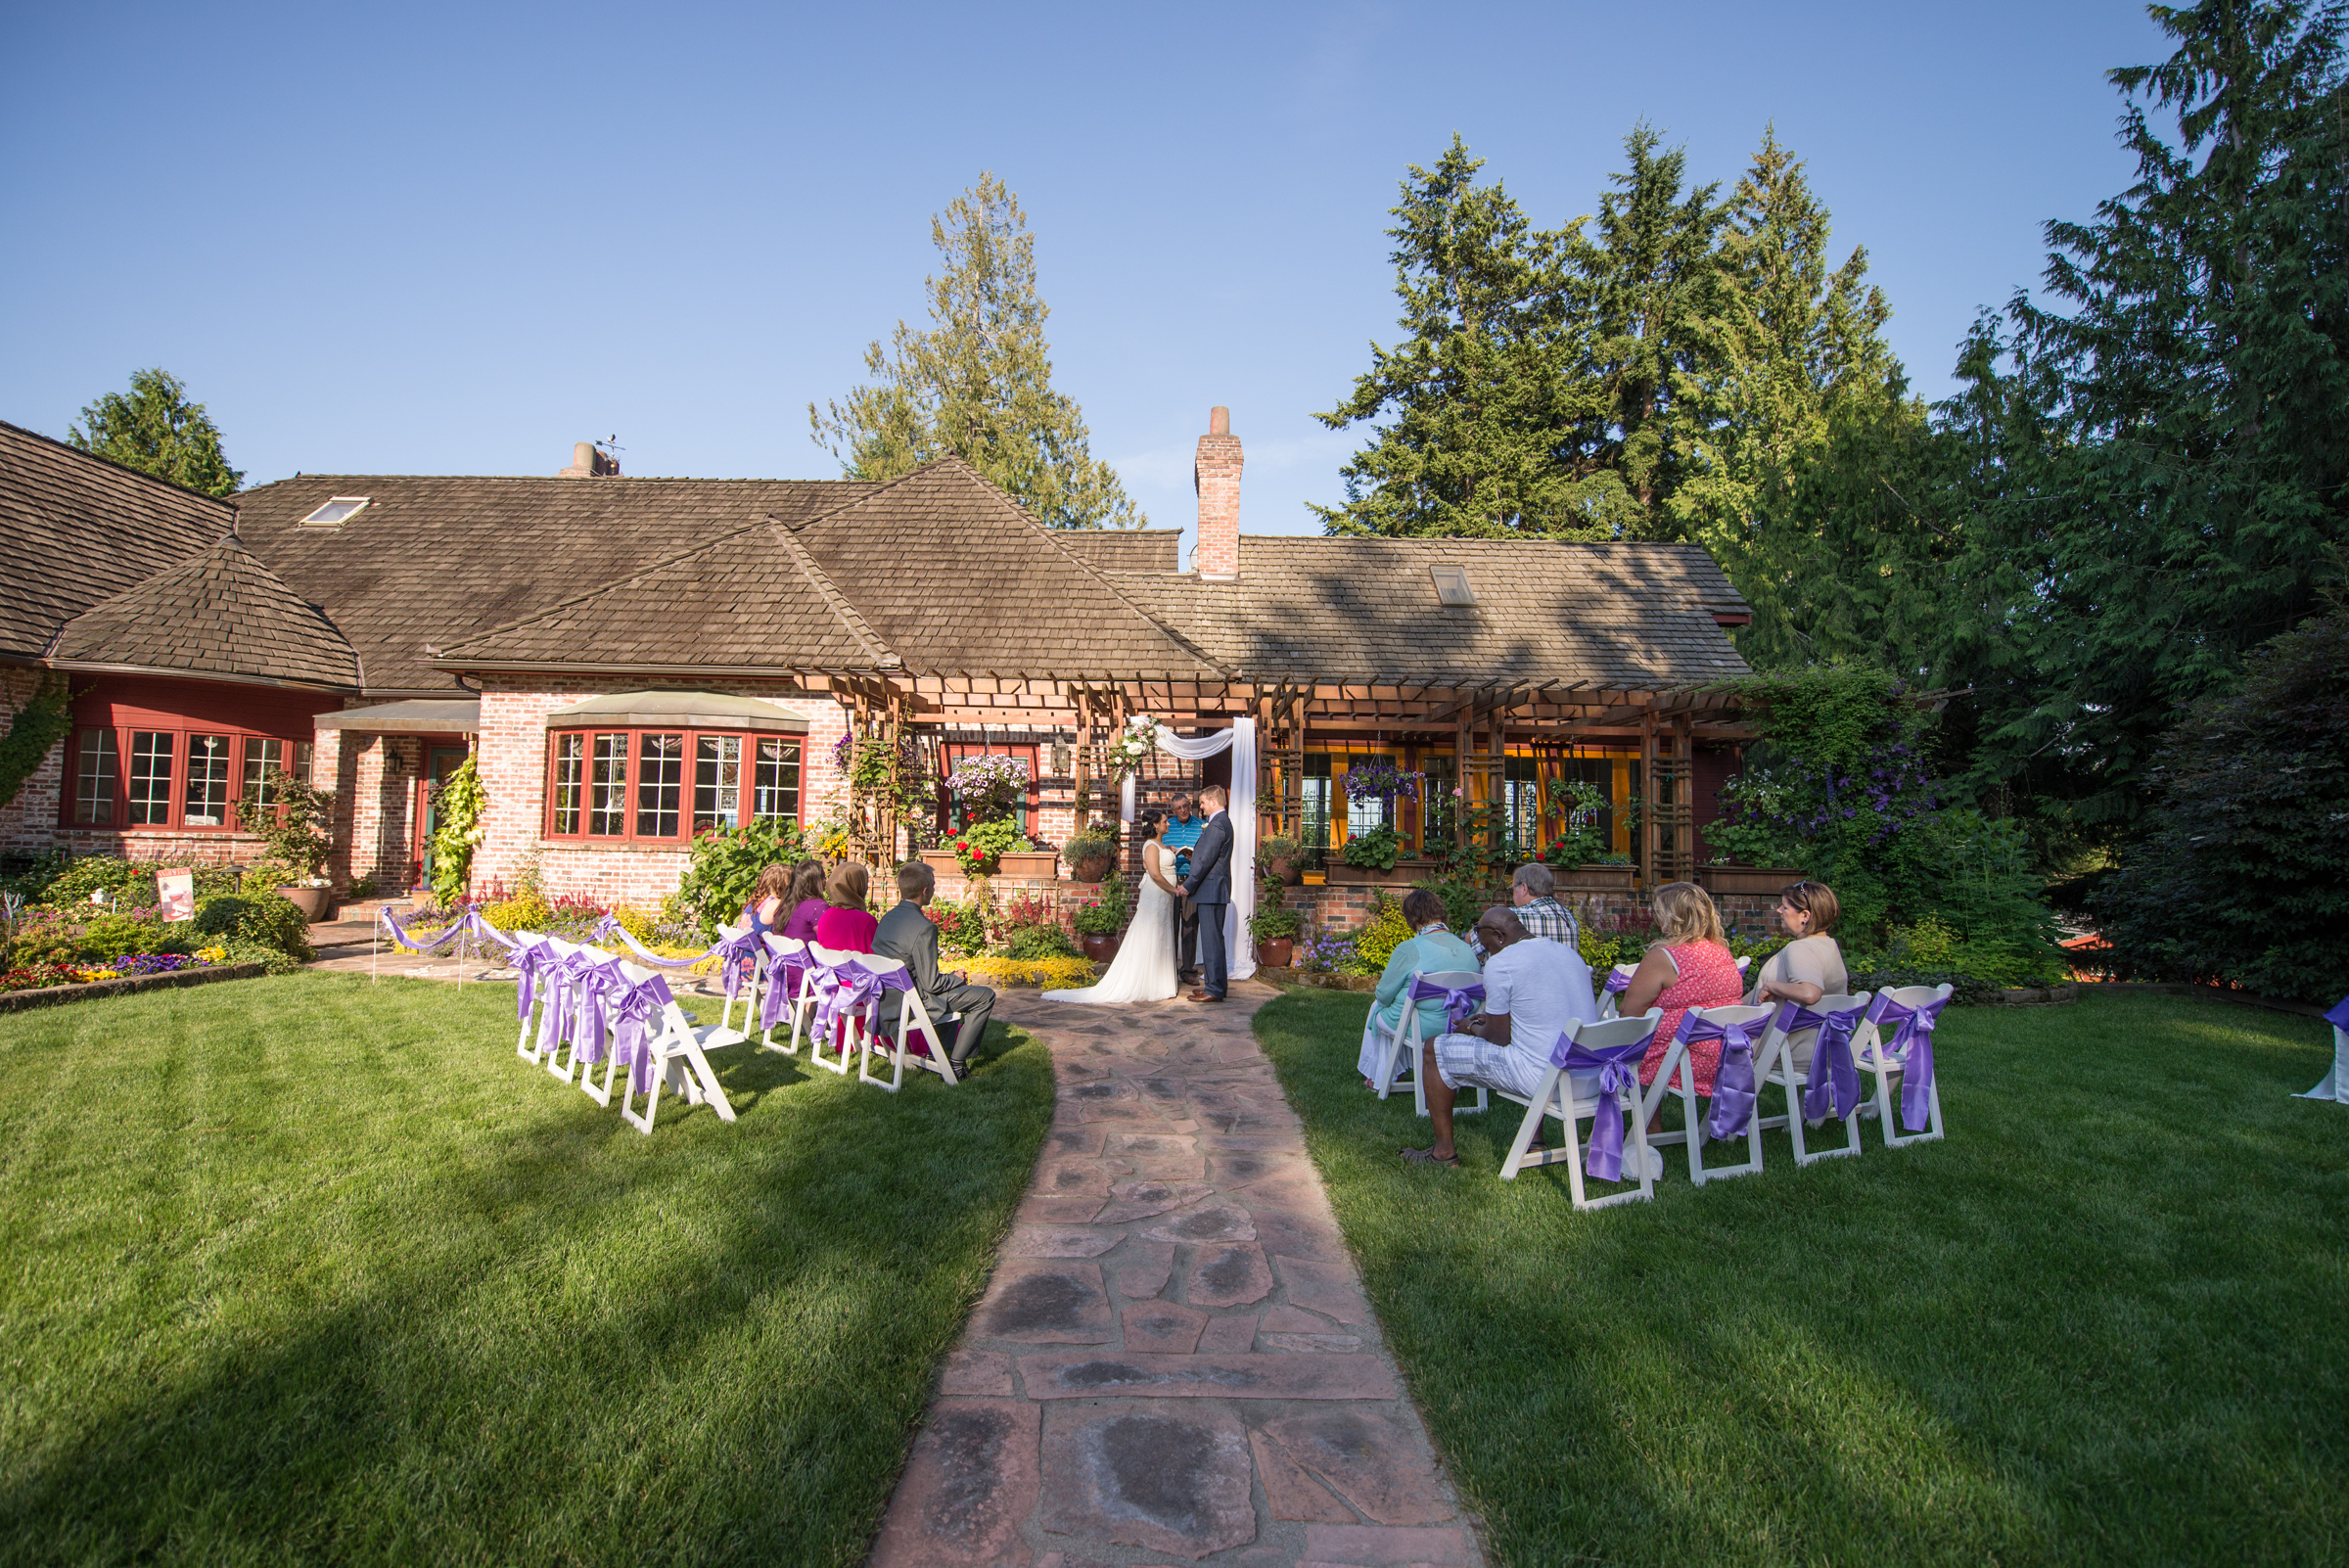 Wedding backyard ceremony